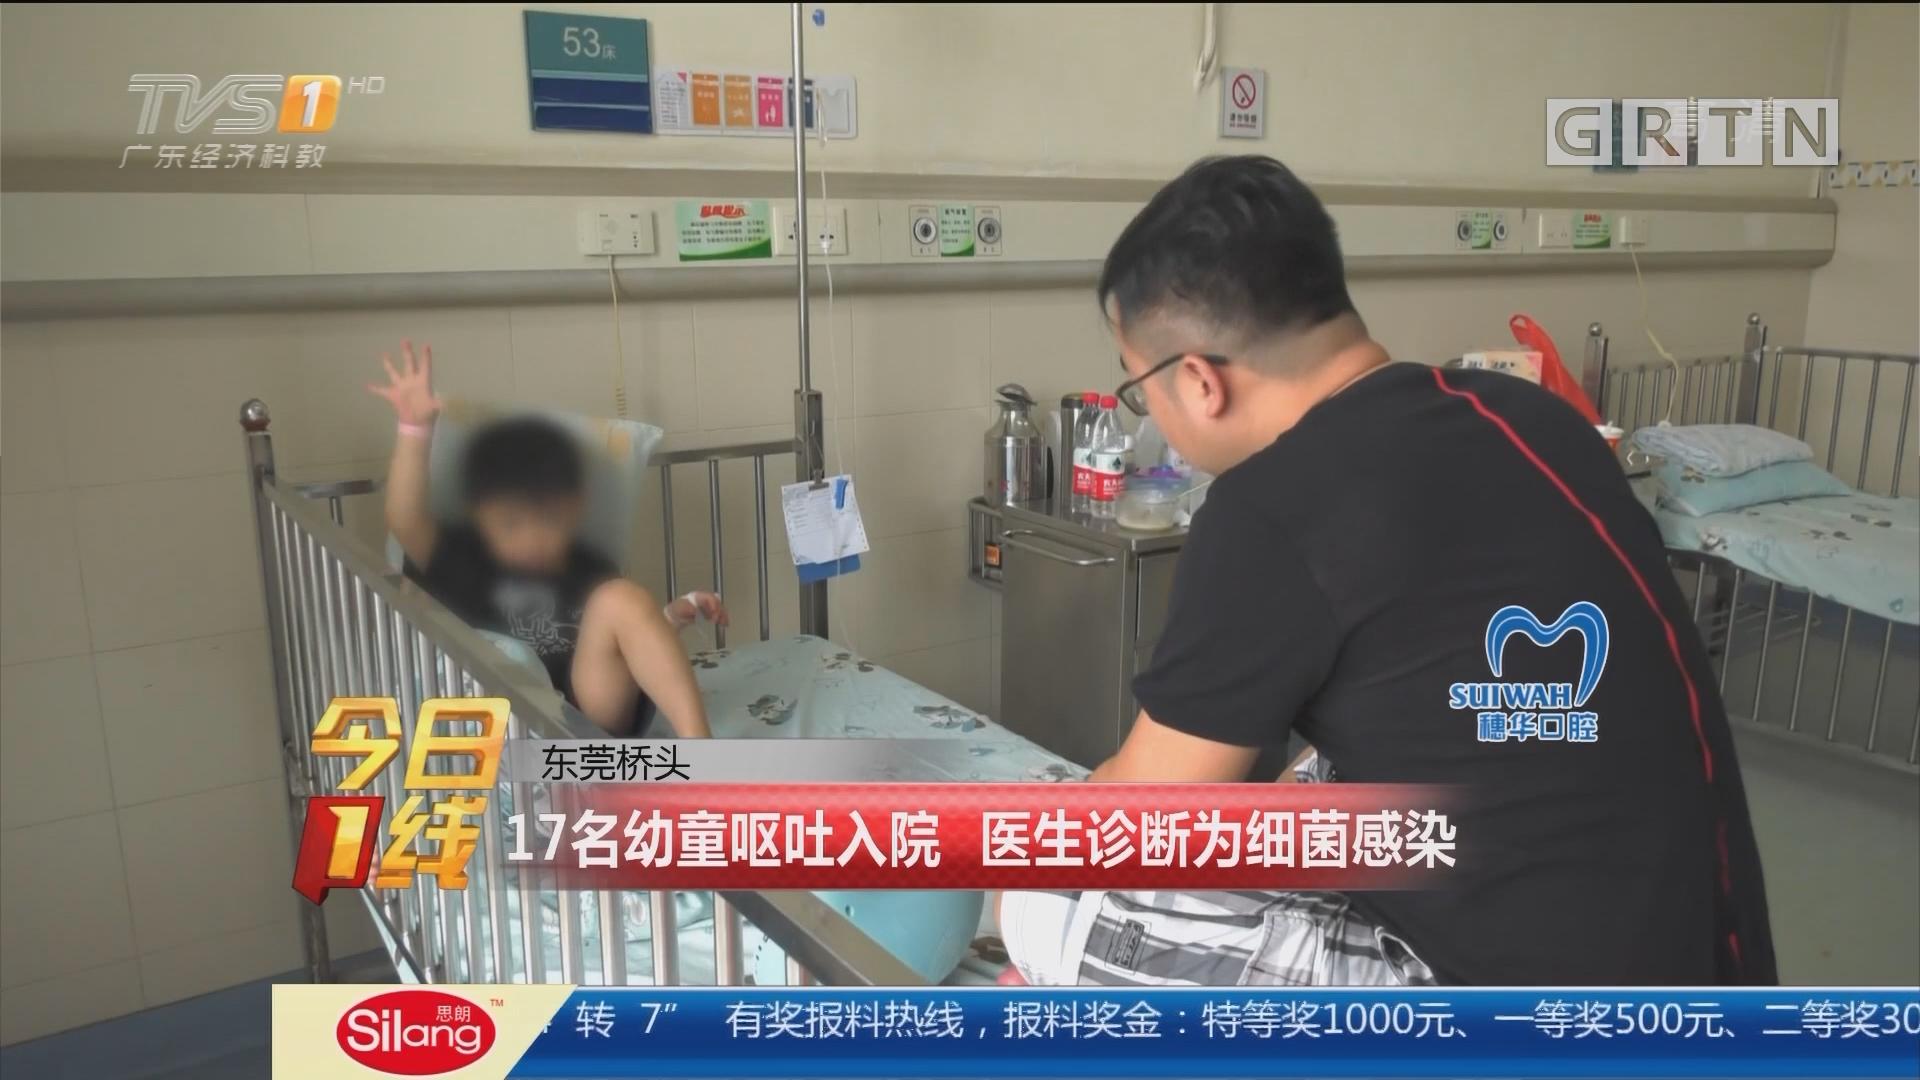 东莞桥头:17名幼童呕吐入院 医生诊断为细菌感染